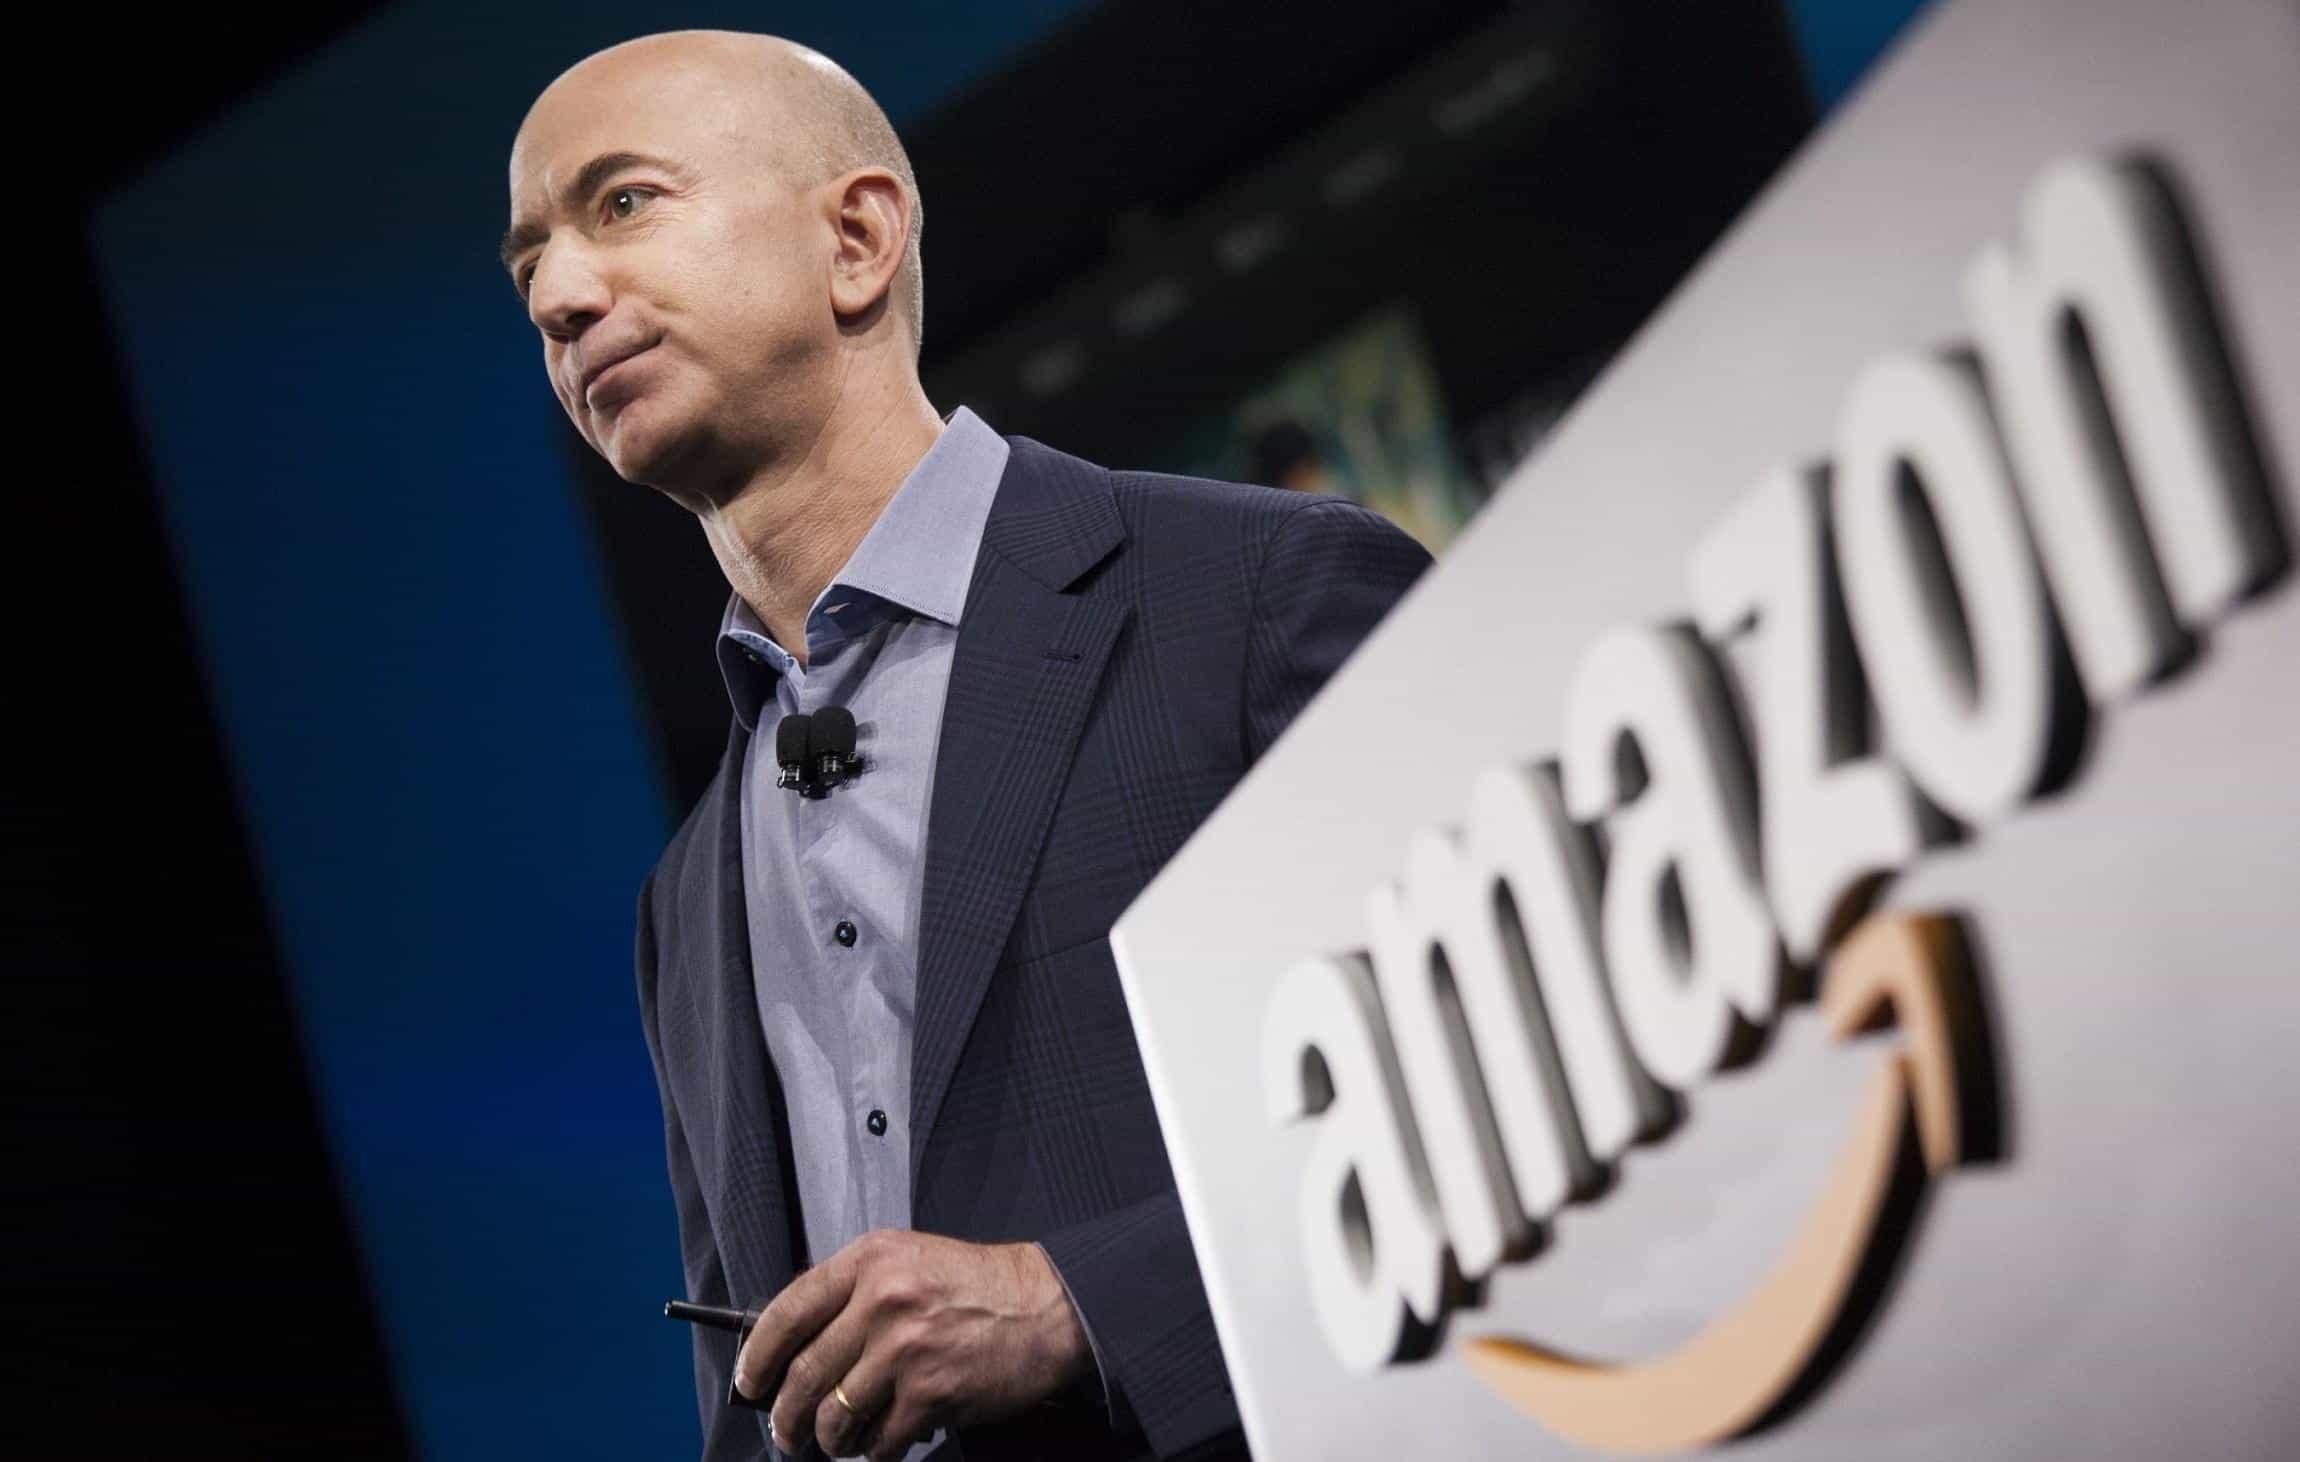 O que Jeff Bezos espera da Amazon de 2030